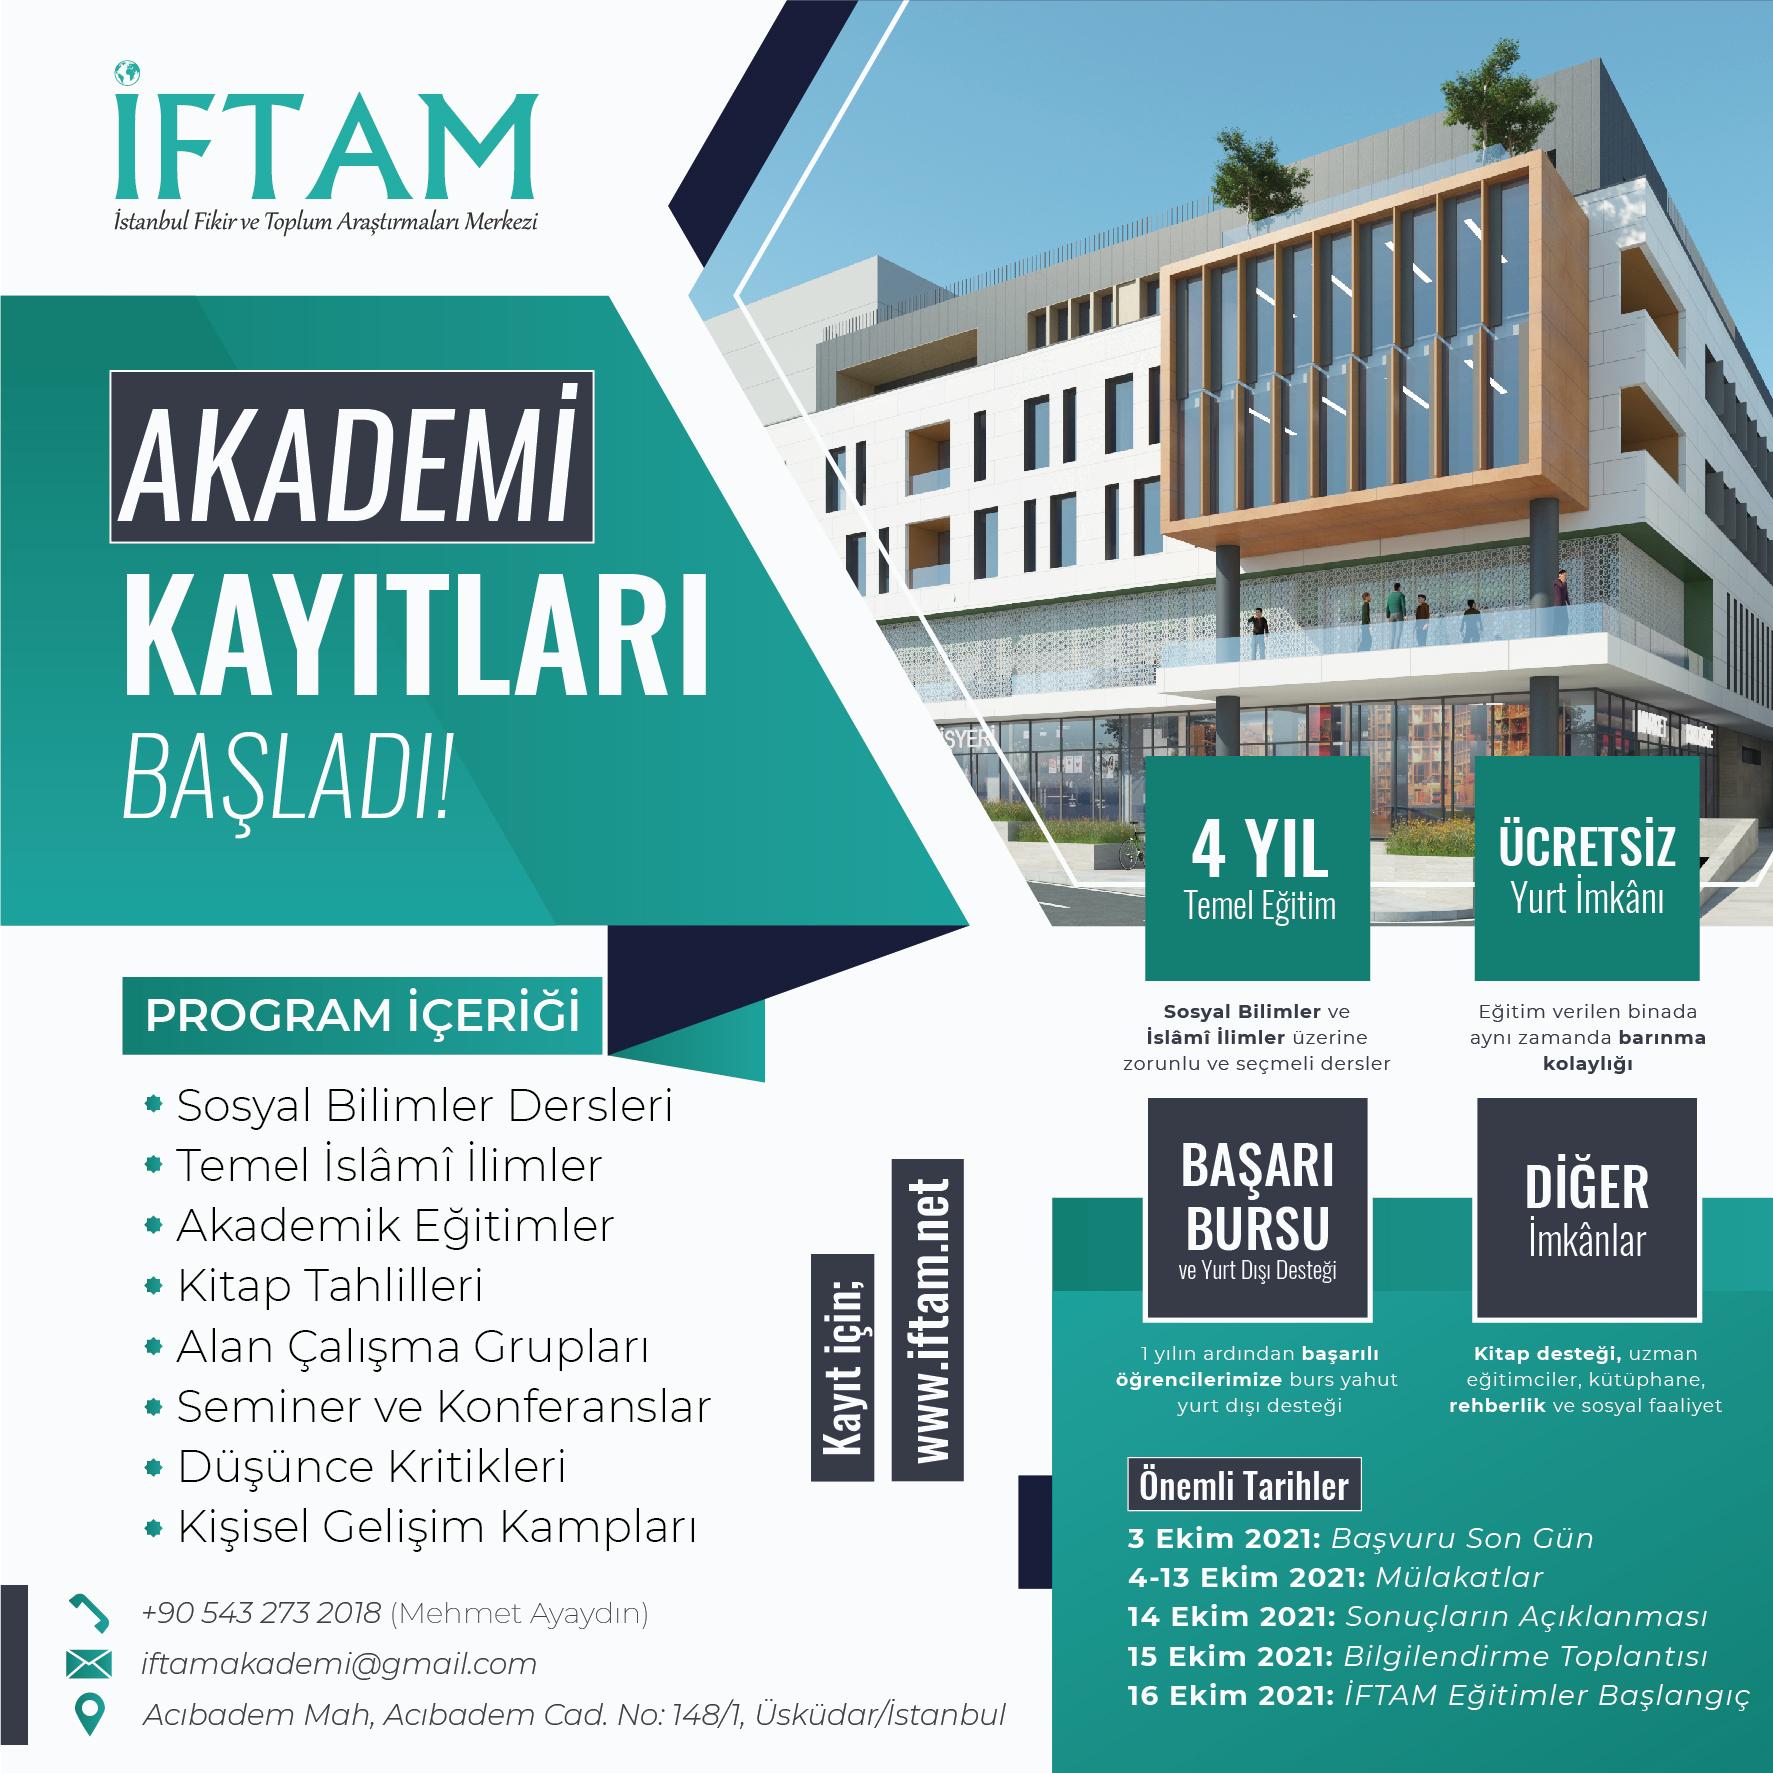 İFTAM Akademi 2021-2022 Eğitim Dönemi Kayıtları Başladı!